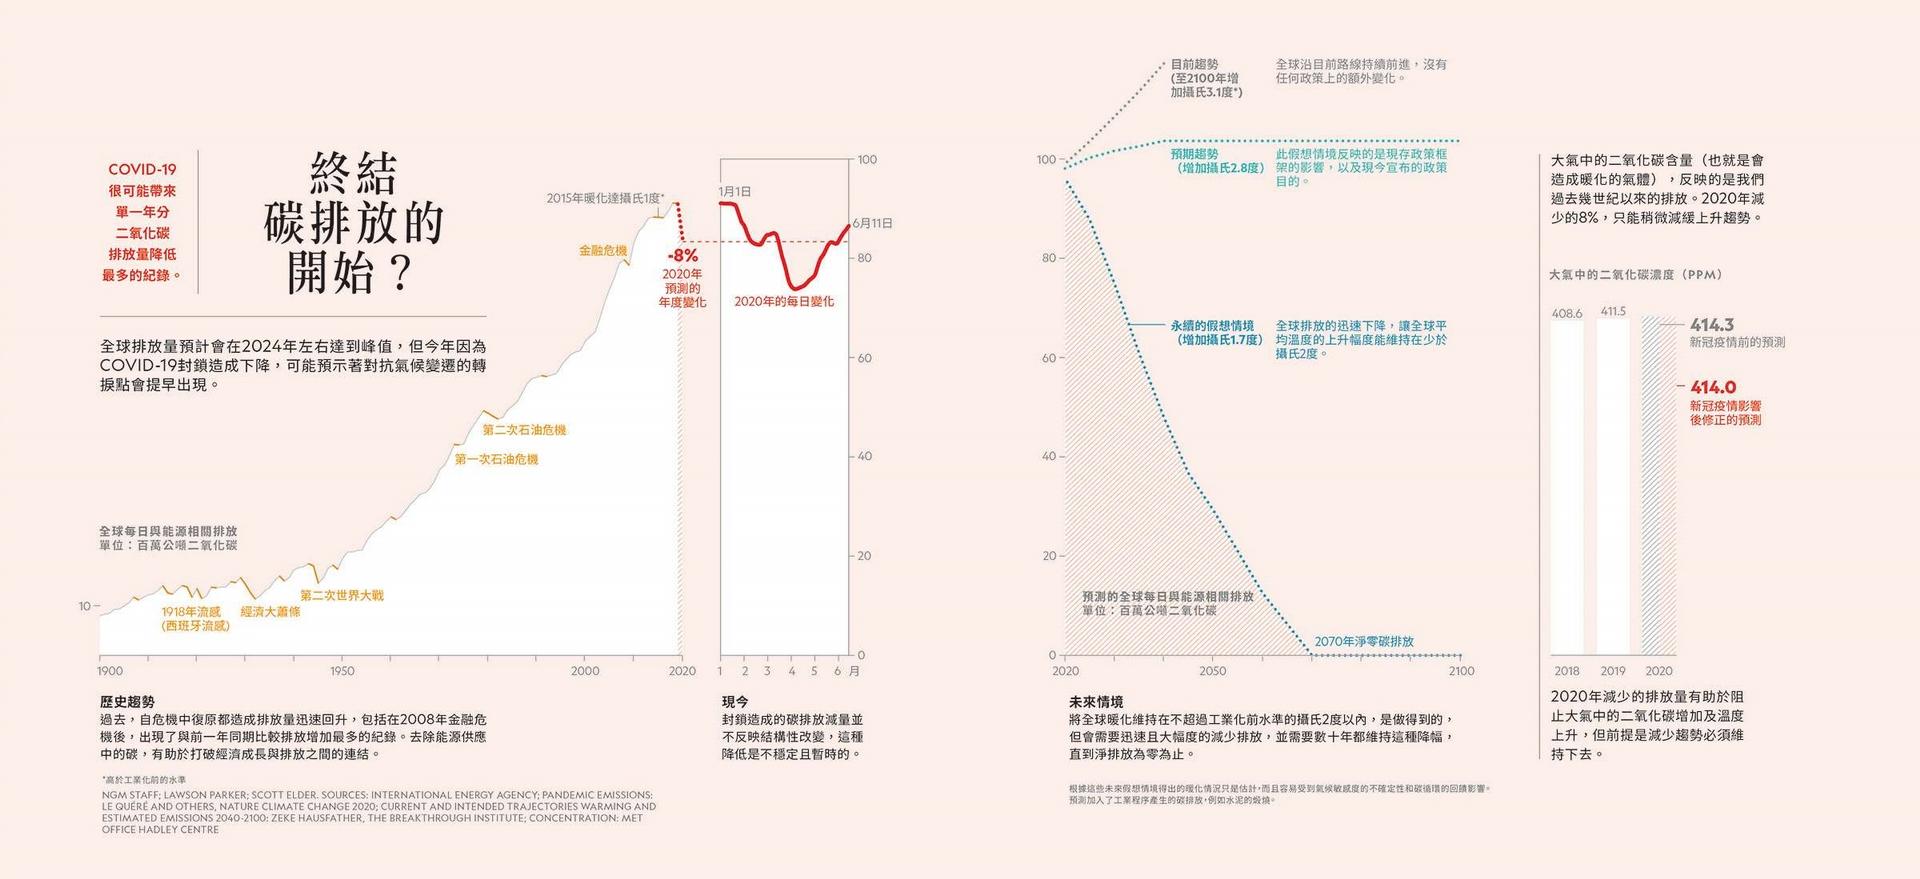 *高於工業化前的水準。NGM STAFF; LAWSON PARKER; SCOTT ELDER. SOURCES: INTERNATIONAL ENERGY AGENCY; PANDEMIC EMISSIONS: LE QUÉRÉ AND OTHERS, NATURE CLIMATE CHANGE 2020; CURRENT AND INTENDED TRAJECTORIES WARMING AND ESTIMATED EMISSIONS. 2040-2100: ZEKE HAUSFATHER, THE BREAKTHROUGH INSTITUTE; CONCENTRATION: MET OFFICE HADLEY CENTRE